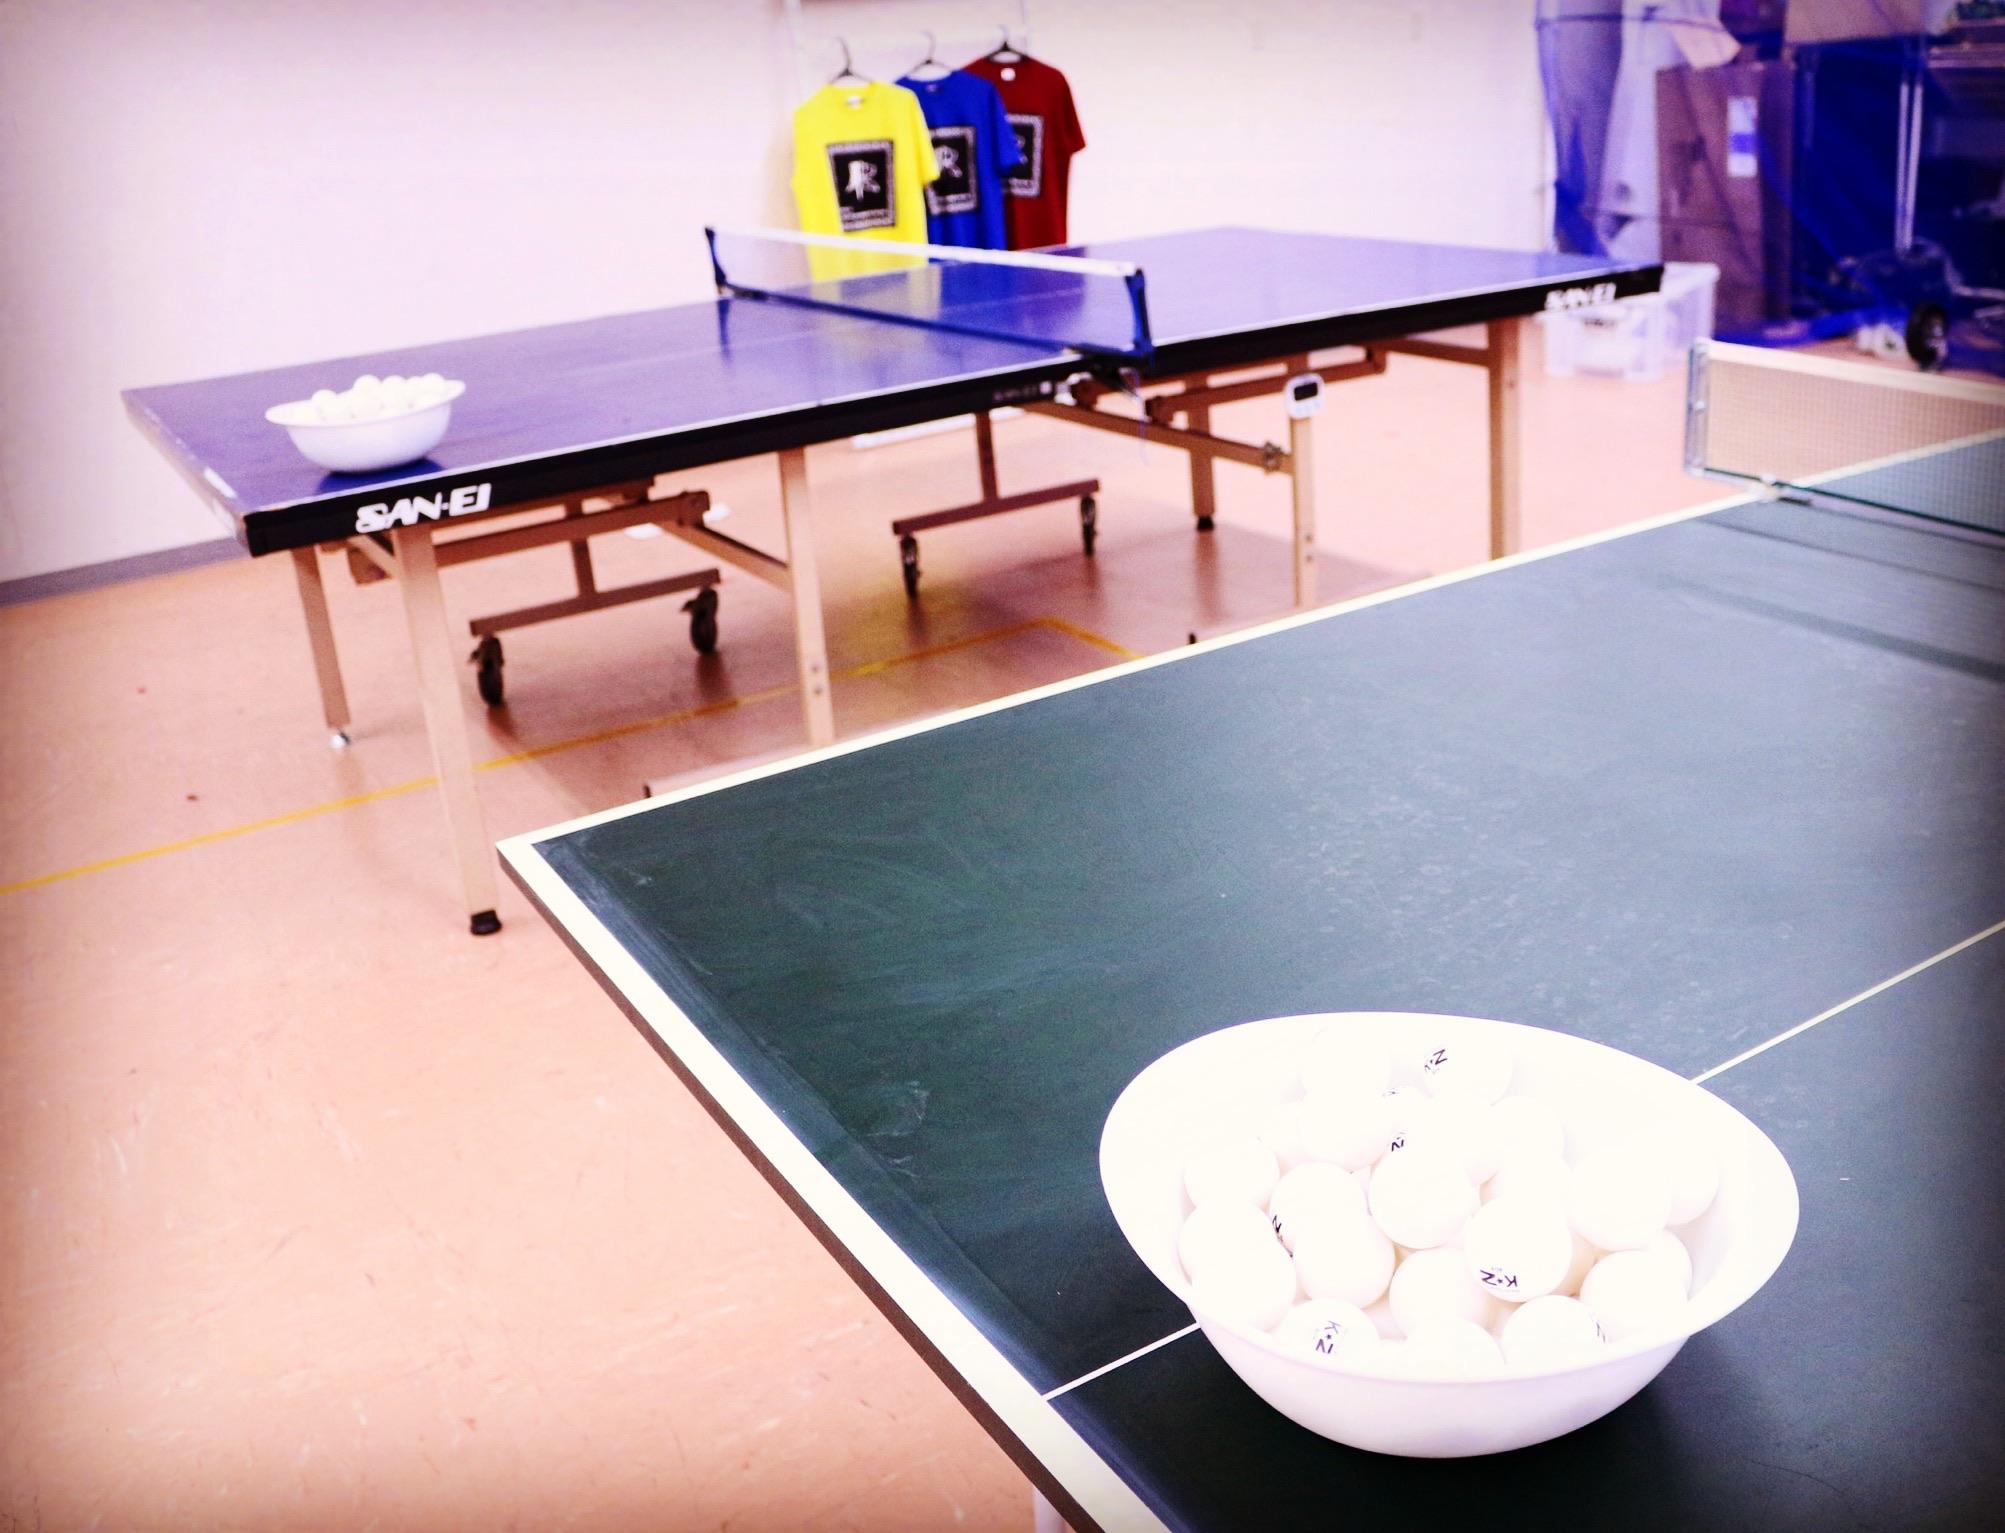 テーブルテニスハウスリバーズ リバーズ卓球教室